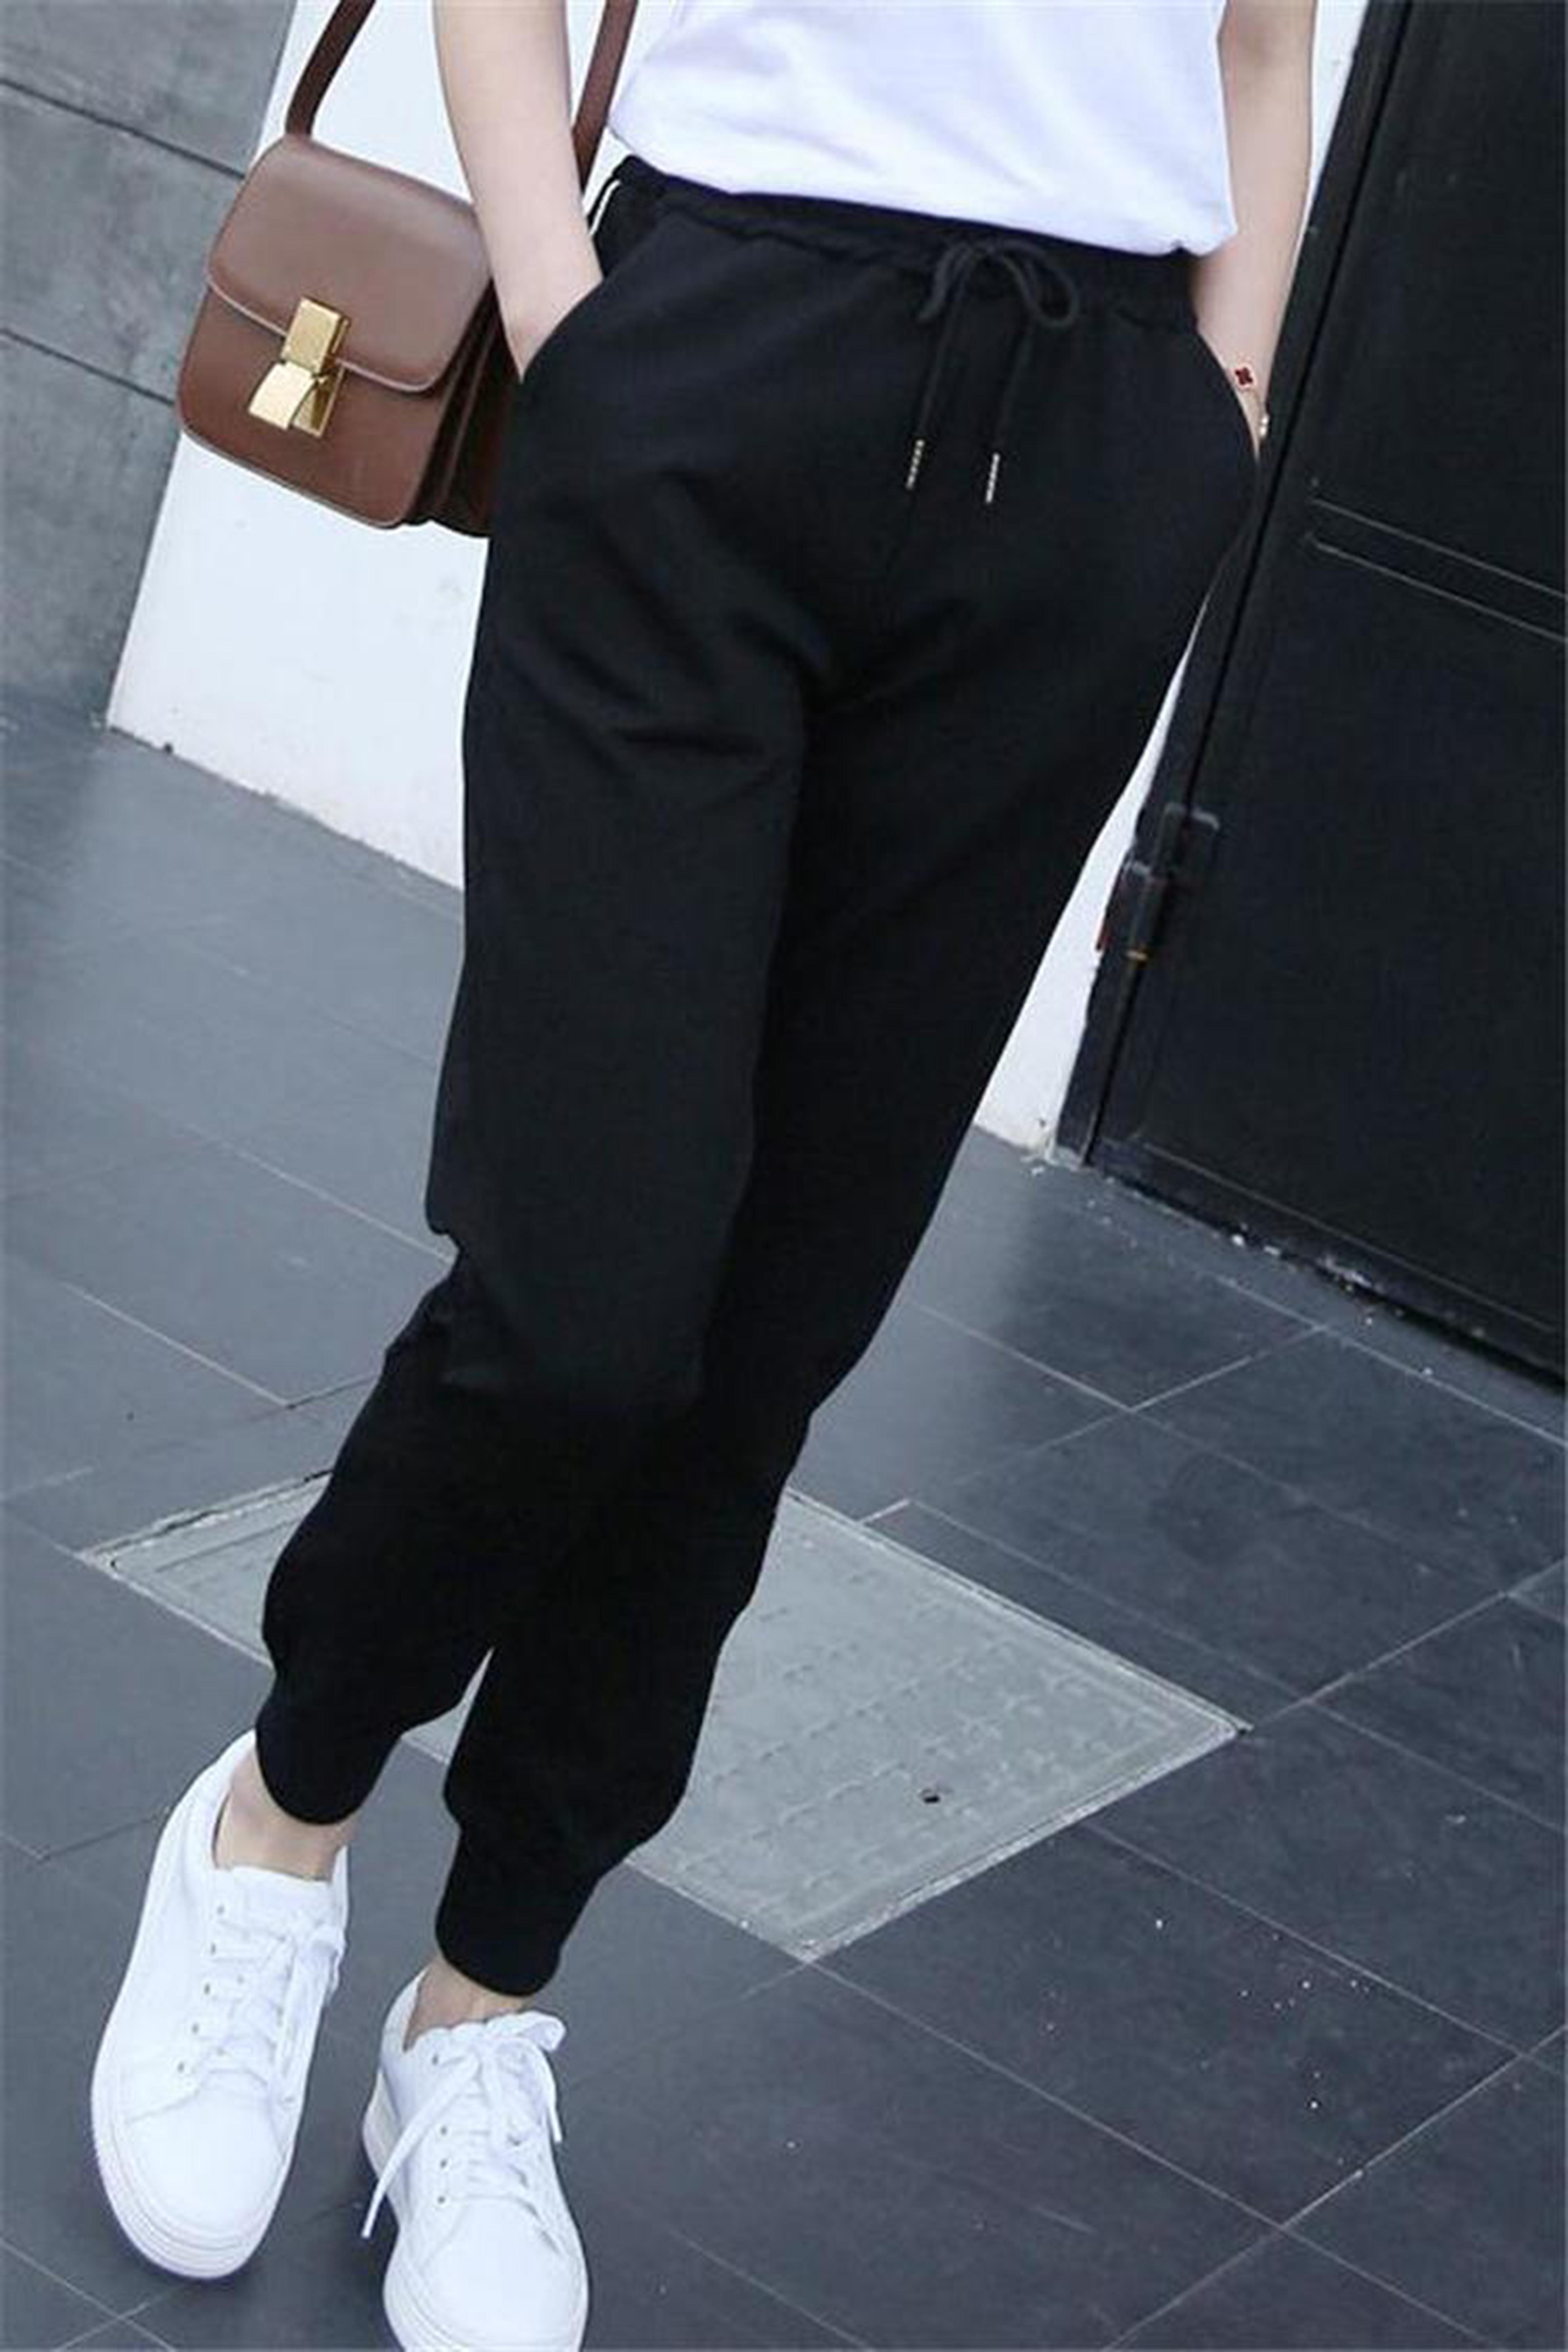 春季新款大码哈伦裤女学生韩版百搭休闲长裤子宽松显瘦运动九分裤